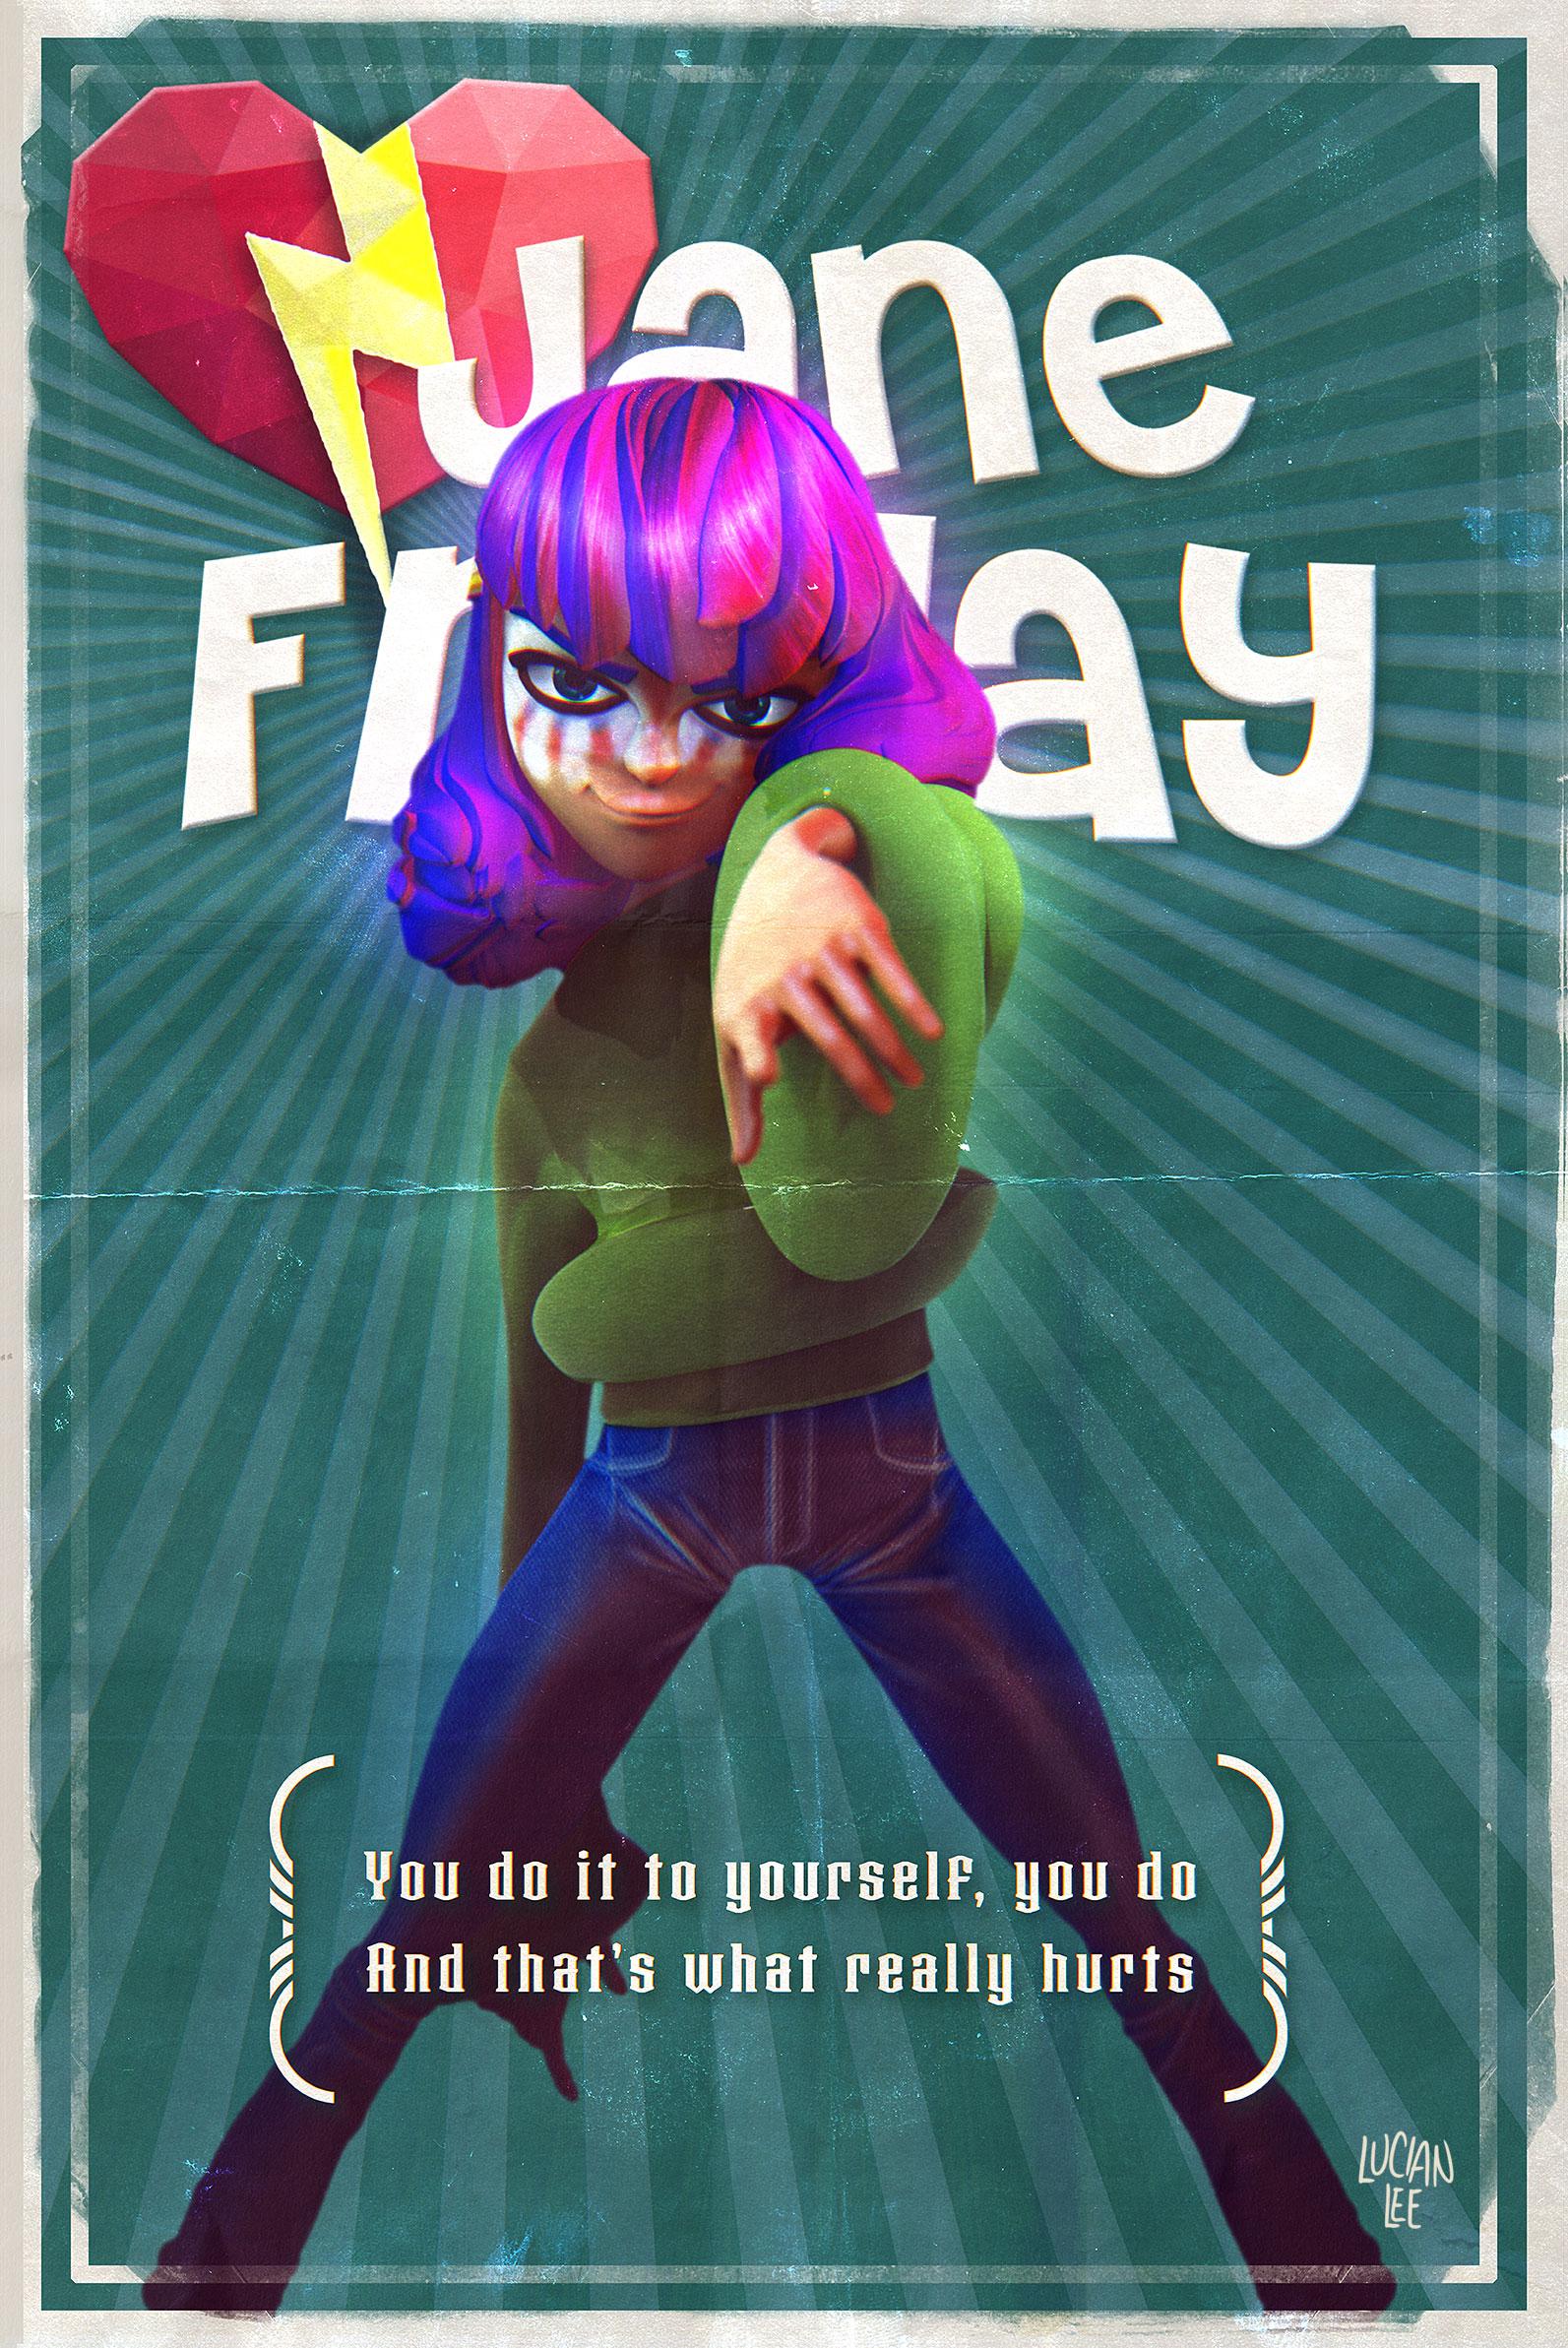 Girl_Poster_22x33_FinalWEB.jpg